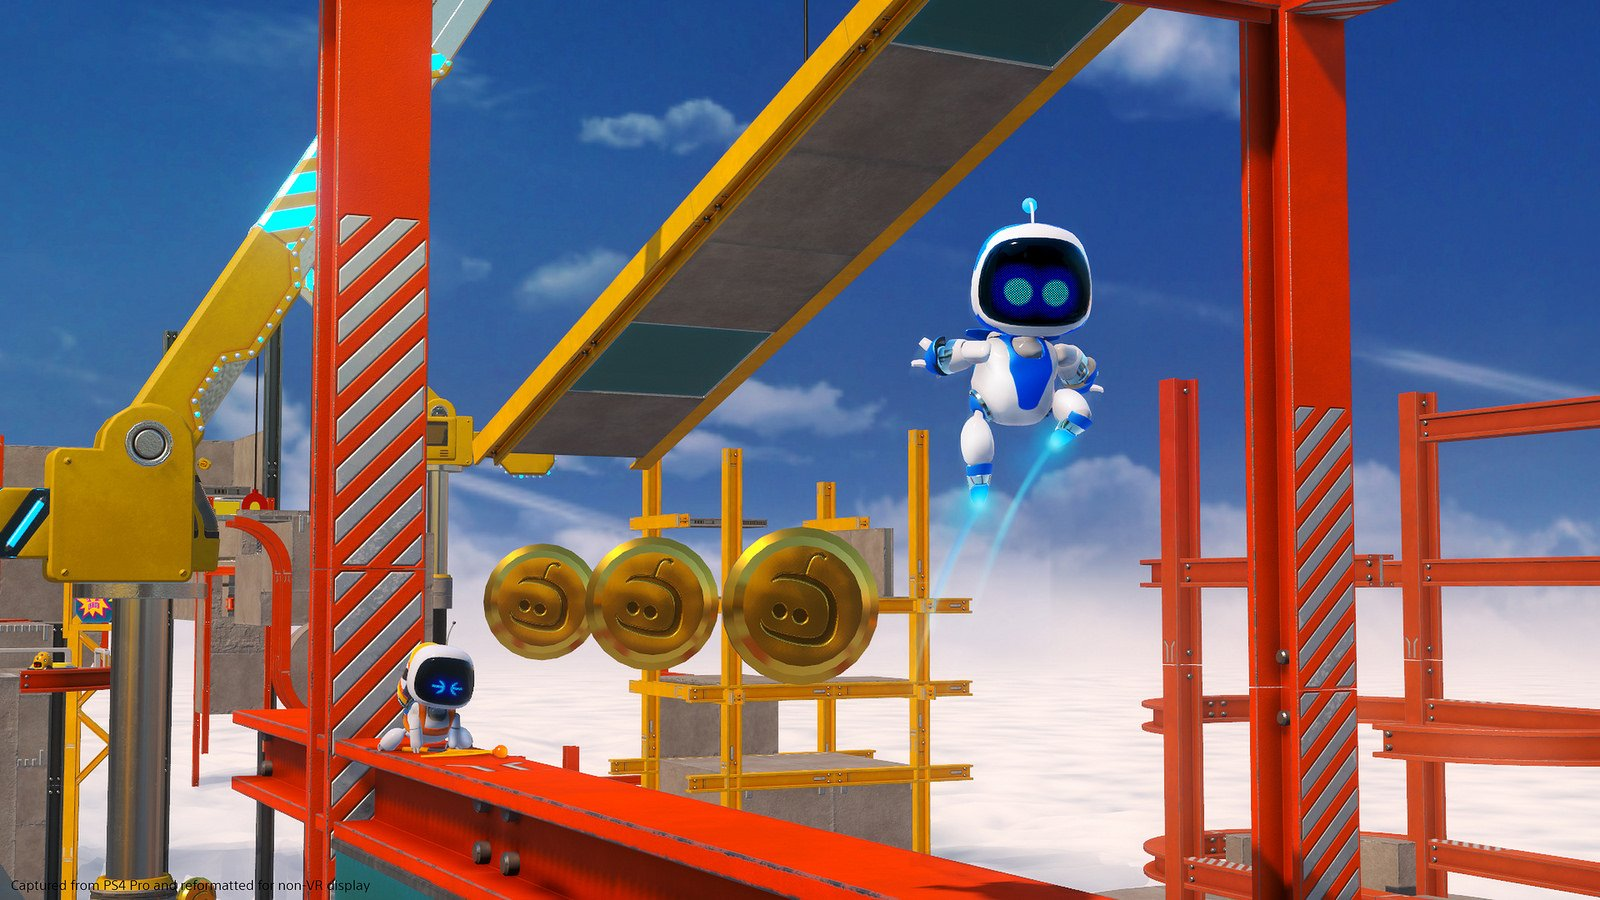 La mignonne mascotte VR de Sony est de retour dans l'aventure de plate-forme complète, Astro Bot Rescue Mission.